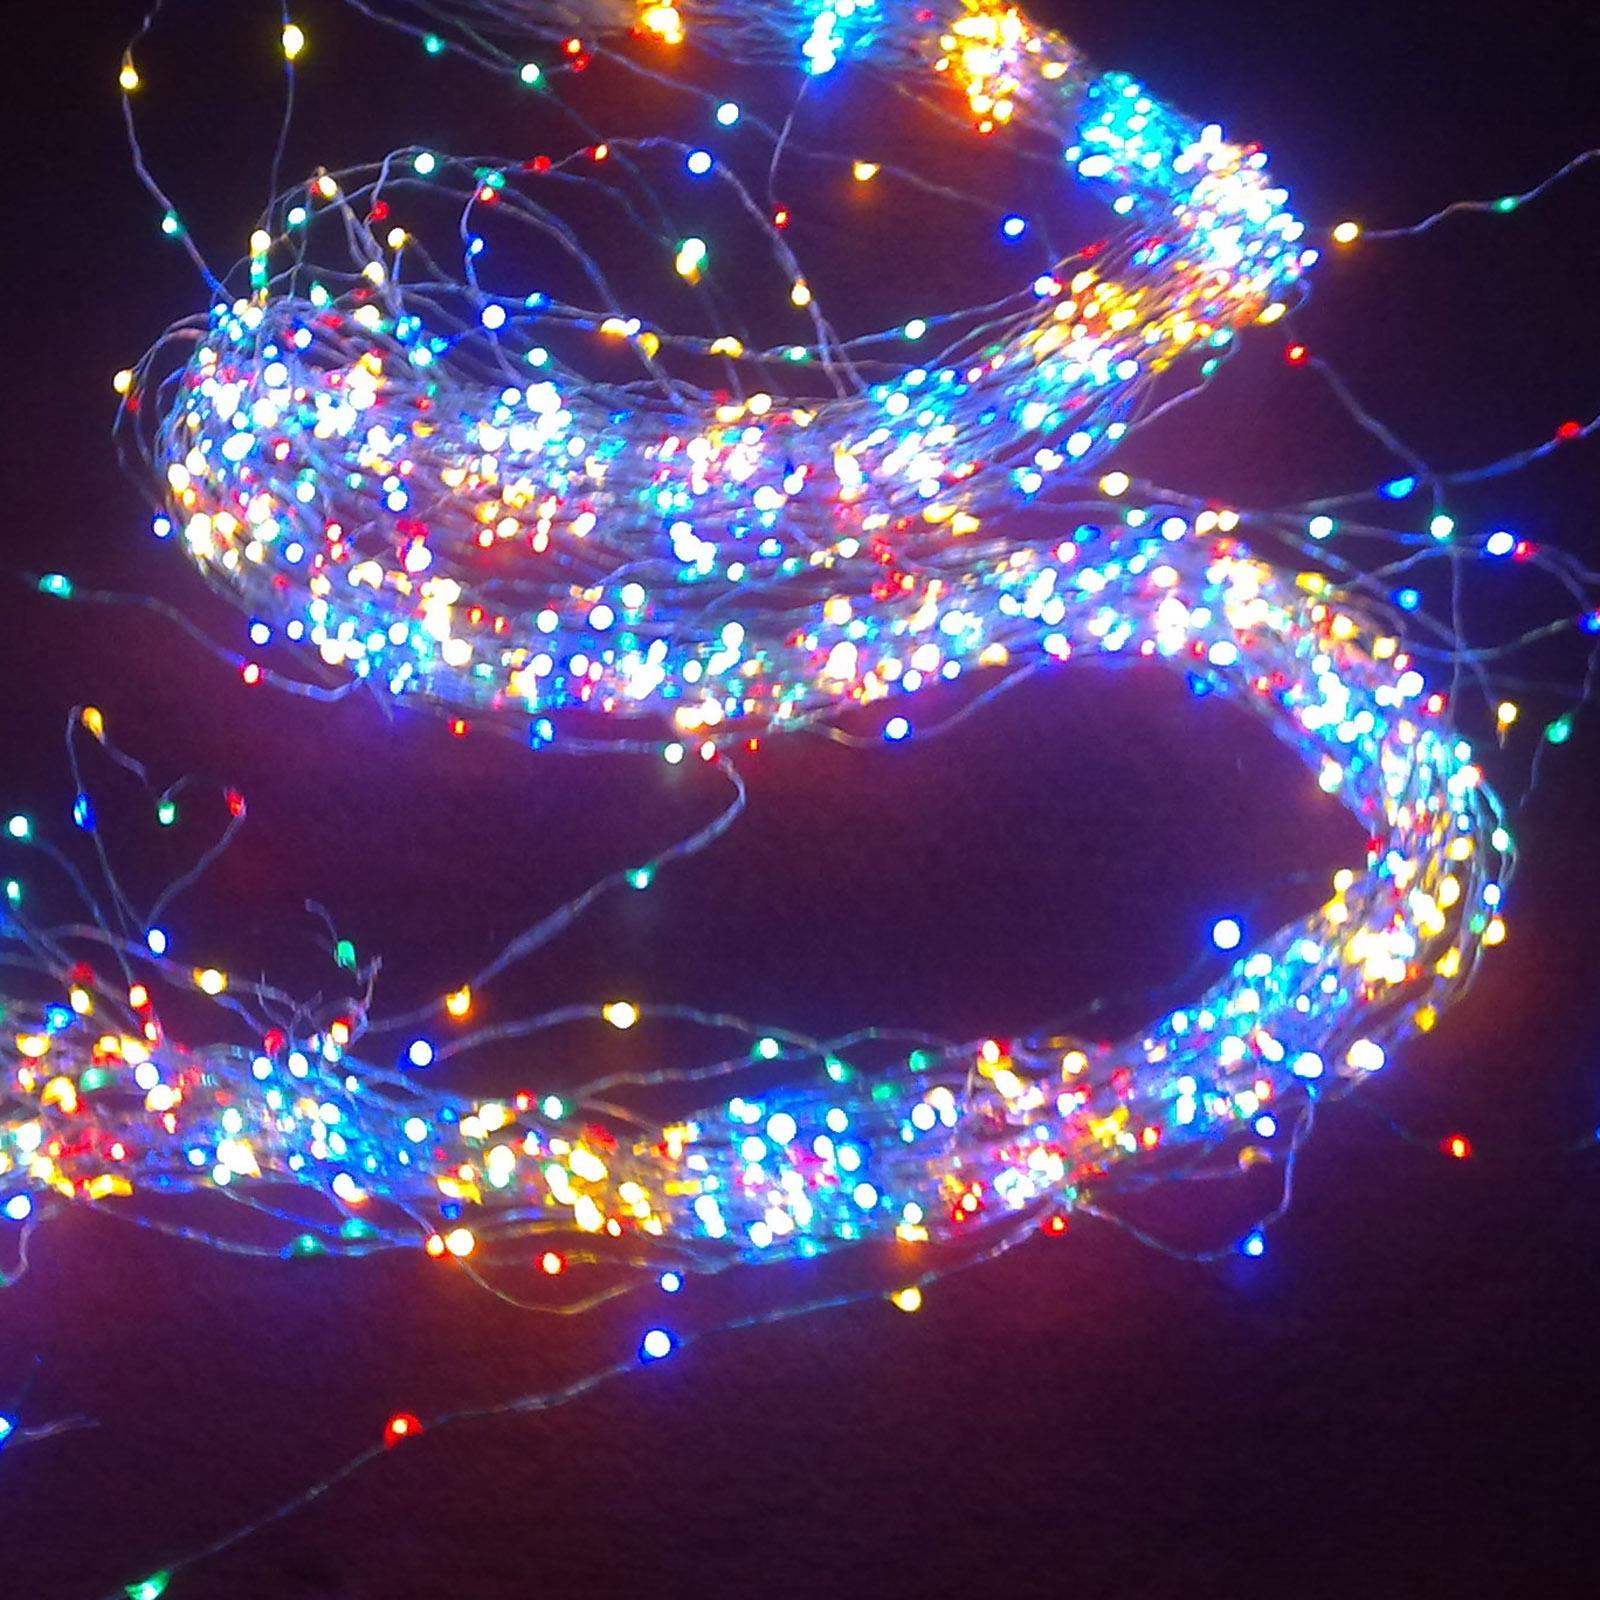 venta al por mayor accin de los eeuu navidad vacaciones luces de iluminacin al aire libre alambre de cobre con lmpara m led luz de la cadena